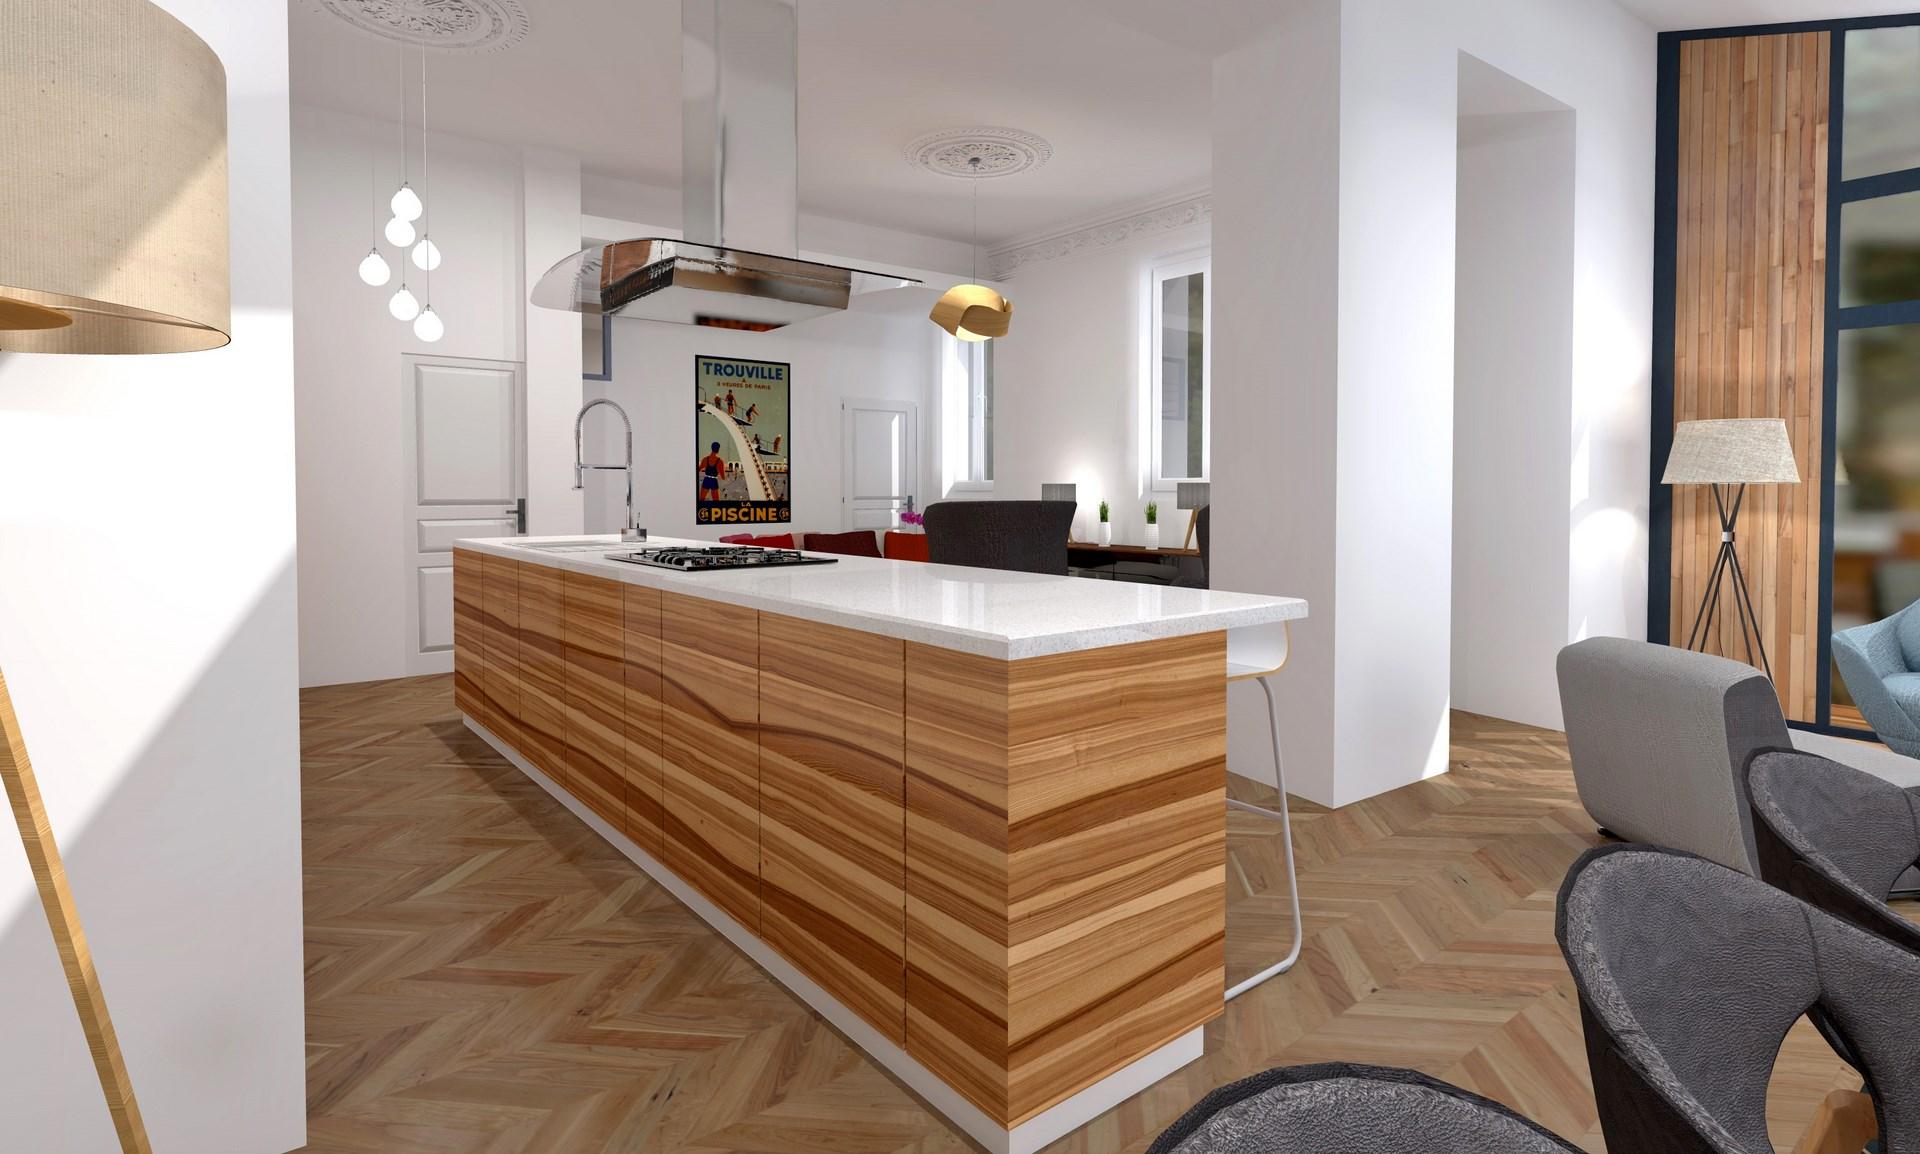 cuisine luxe ouverte ilot central bois agence avous